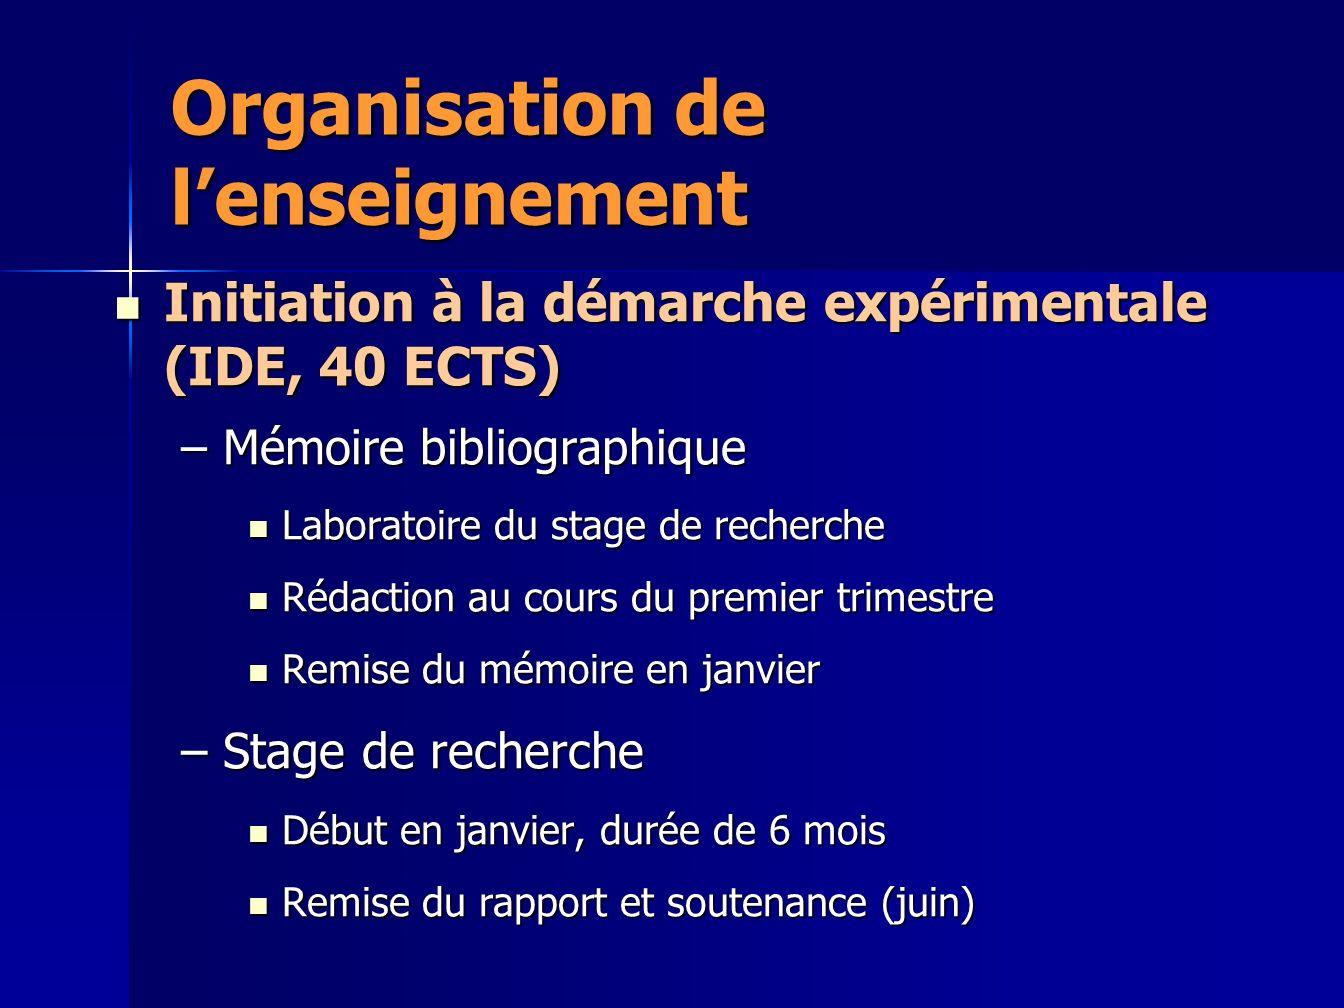 Organisation de lenseignement Initiation à la démarche expérimentale (IDE): Initiation à la démarche expérimentale (IDE): –Présentation des sujets de stage à lENSAT –Choix des stages –Préparation du mémoire bibliographique –A partir de janvier: Stage de recherche au laboratoire